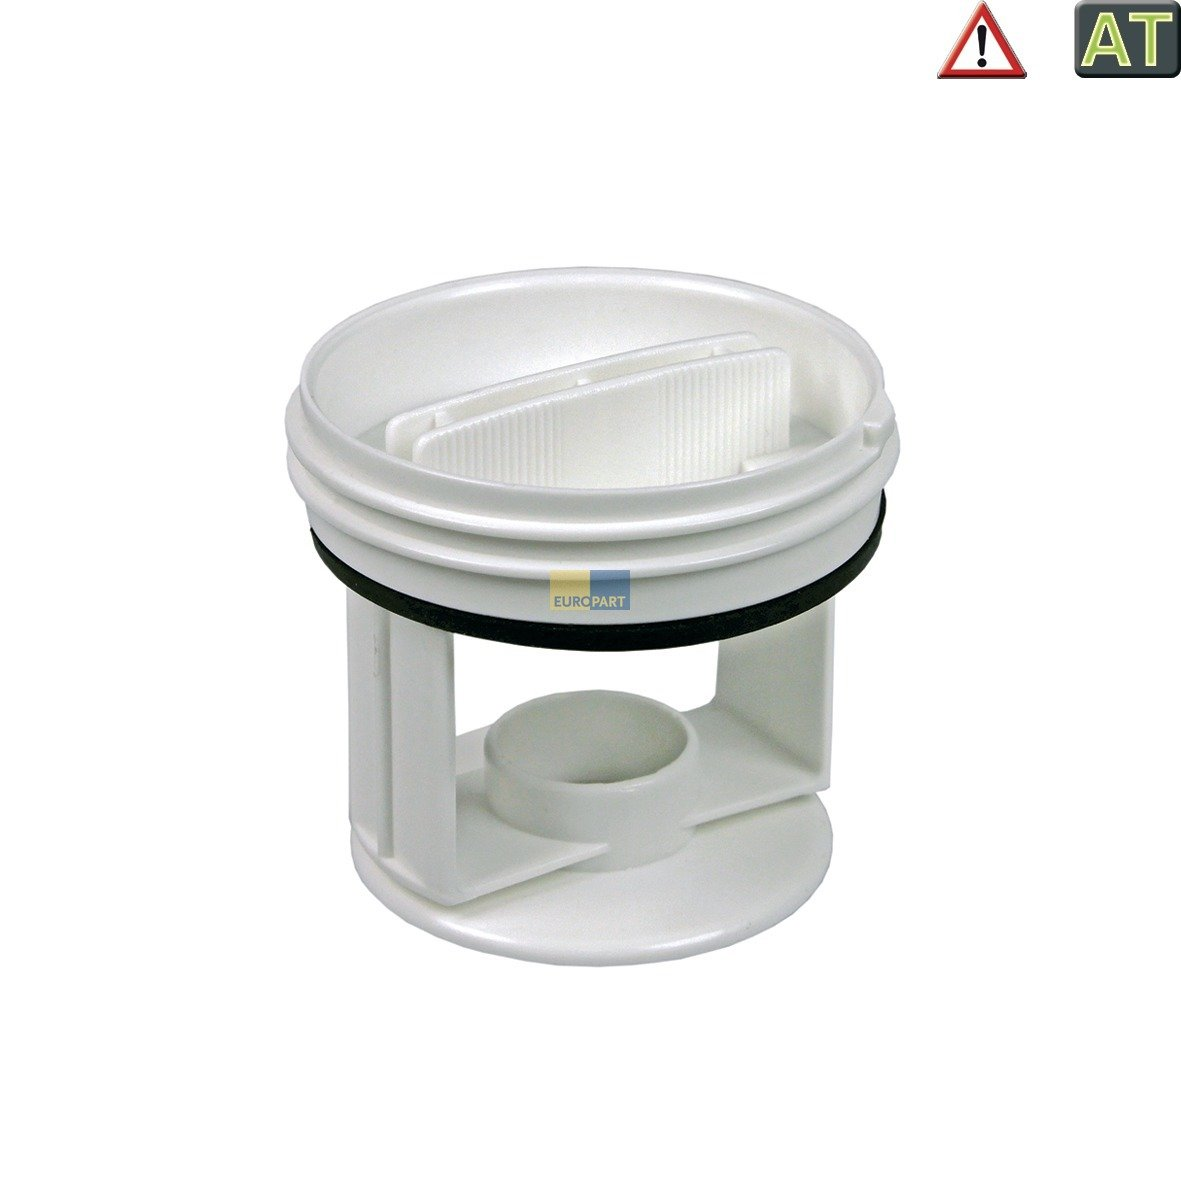 Filtro antipelusa filtro para lavadora Bosch Siemens Constructa ...